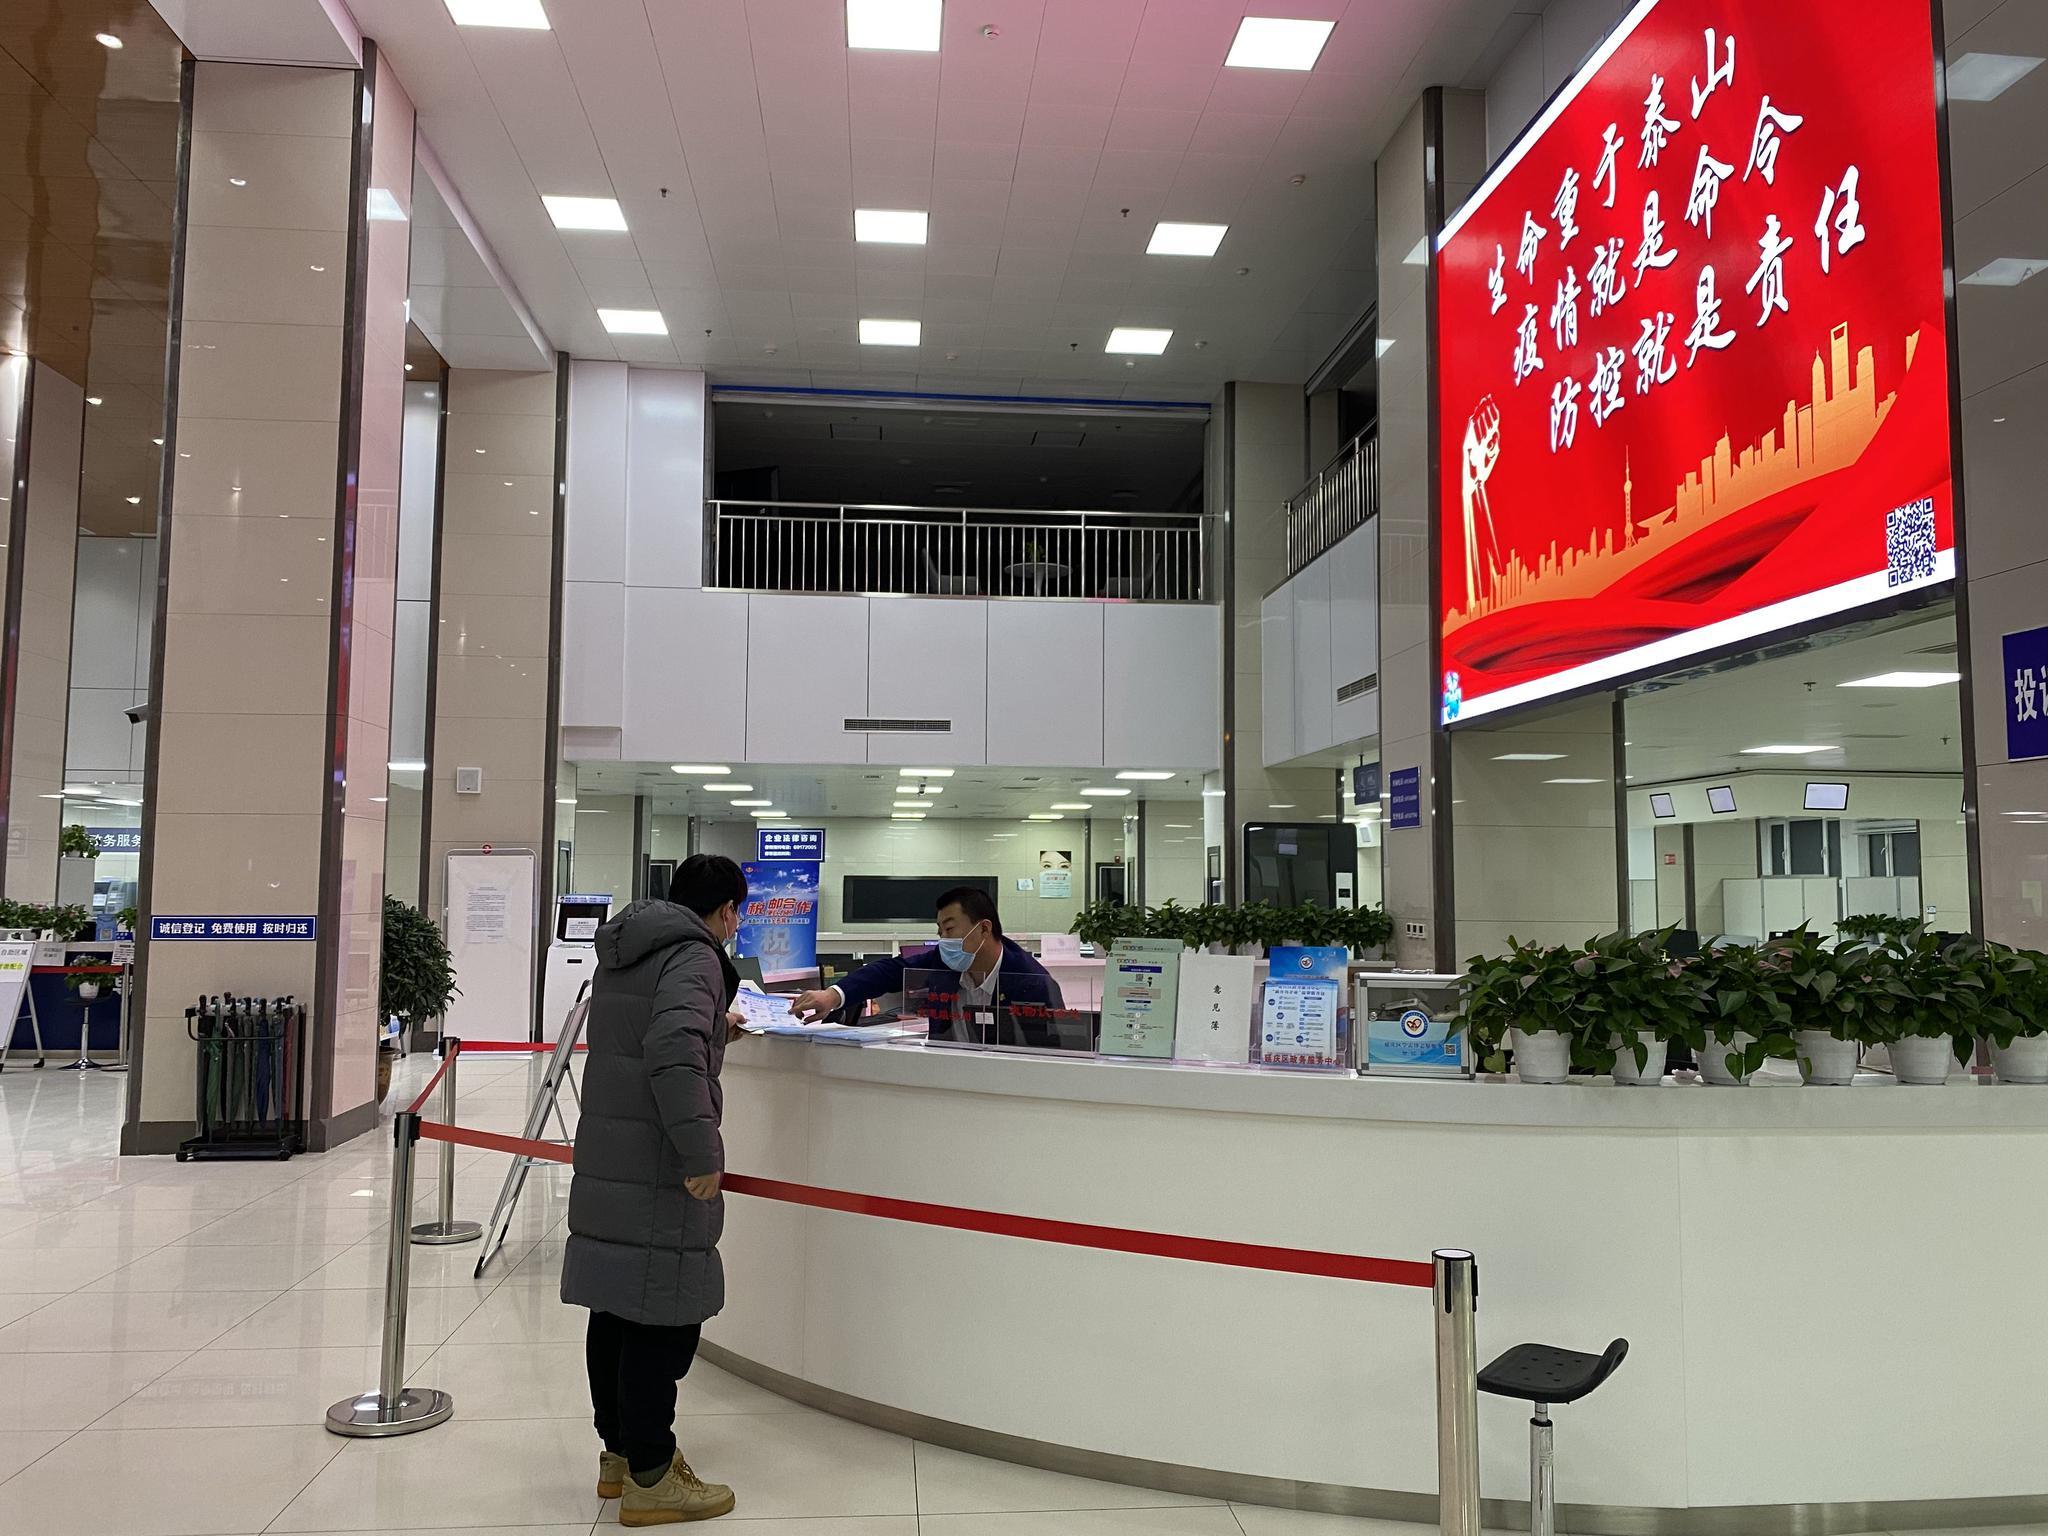 """延庆全区划定""""一米线"""" 拉开距离保安全图片"""